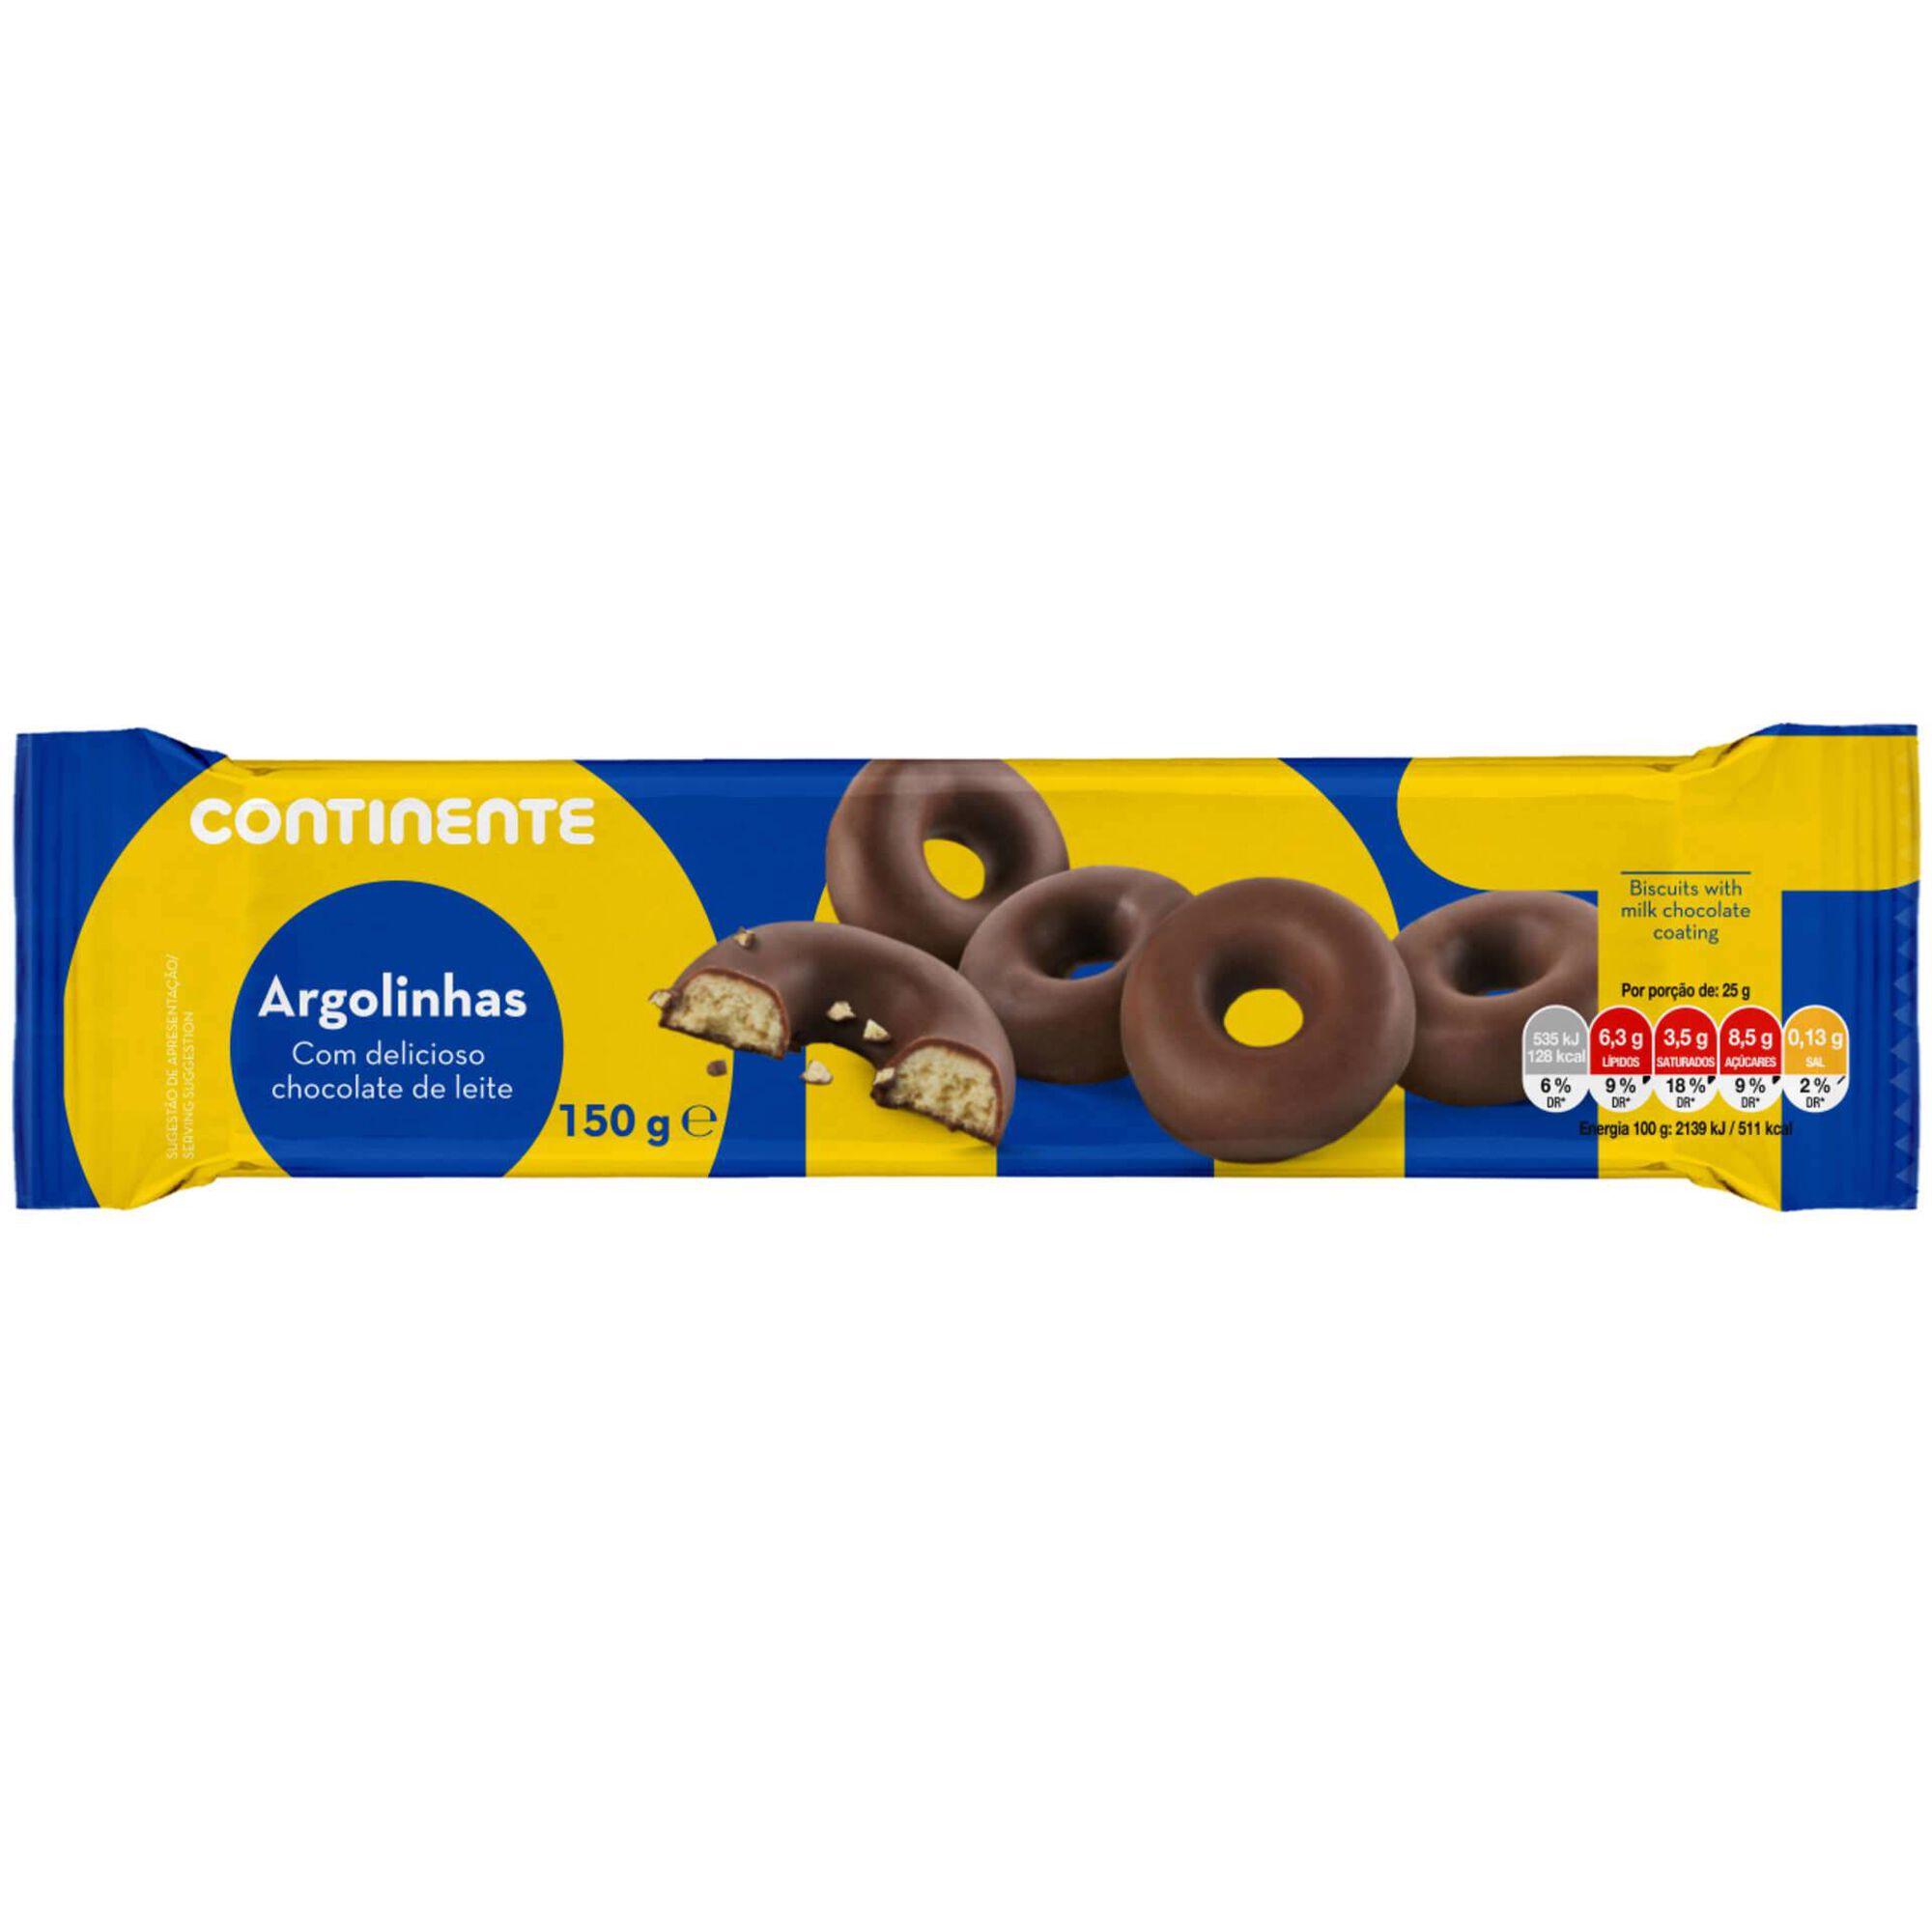 Bolachas Argolinhas com Cobertura Chocolate de Leite